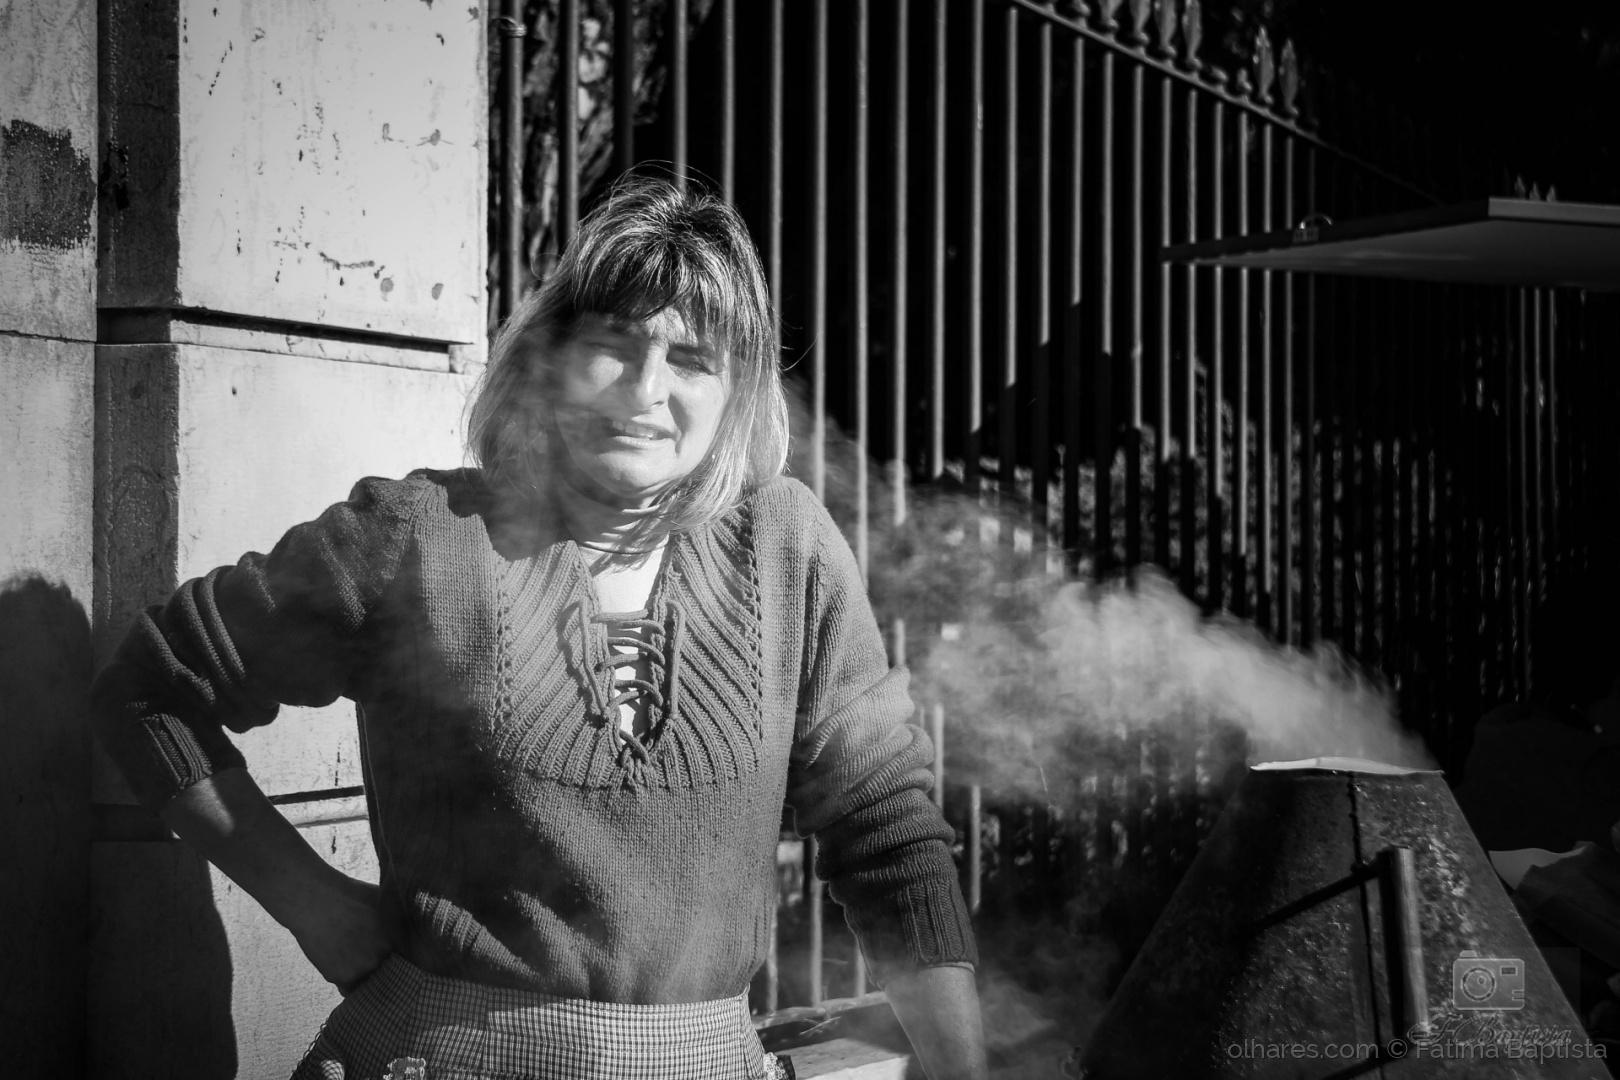 © Fátima Baptista - O Fumo não lhe esconde o sorriso